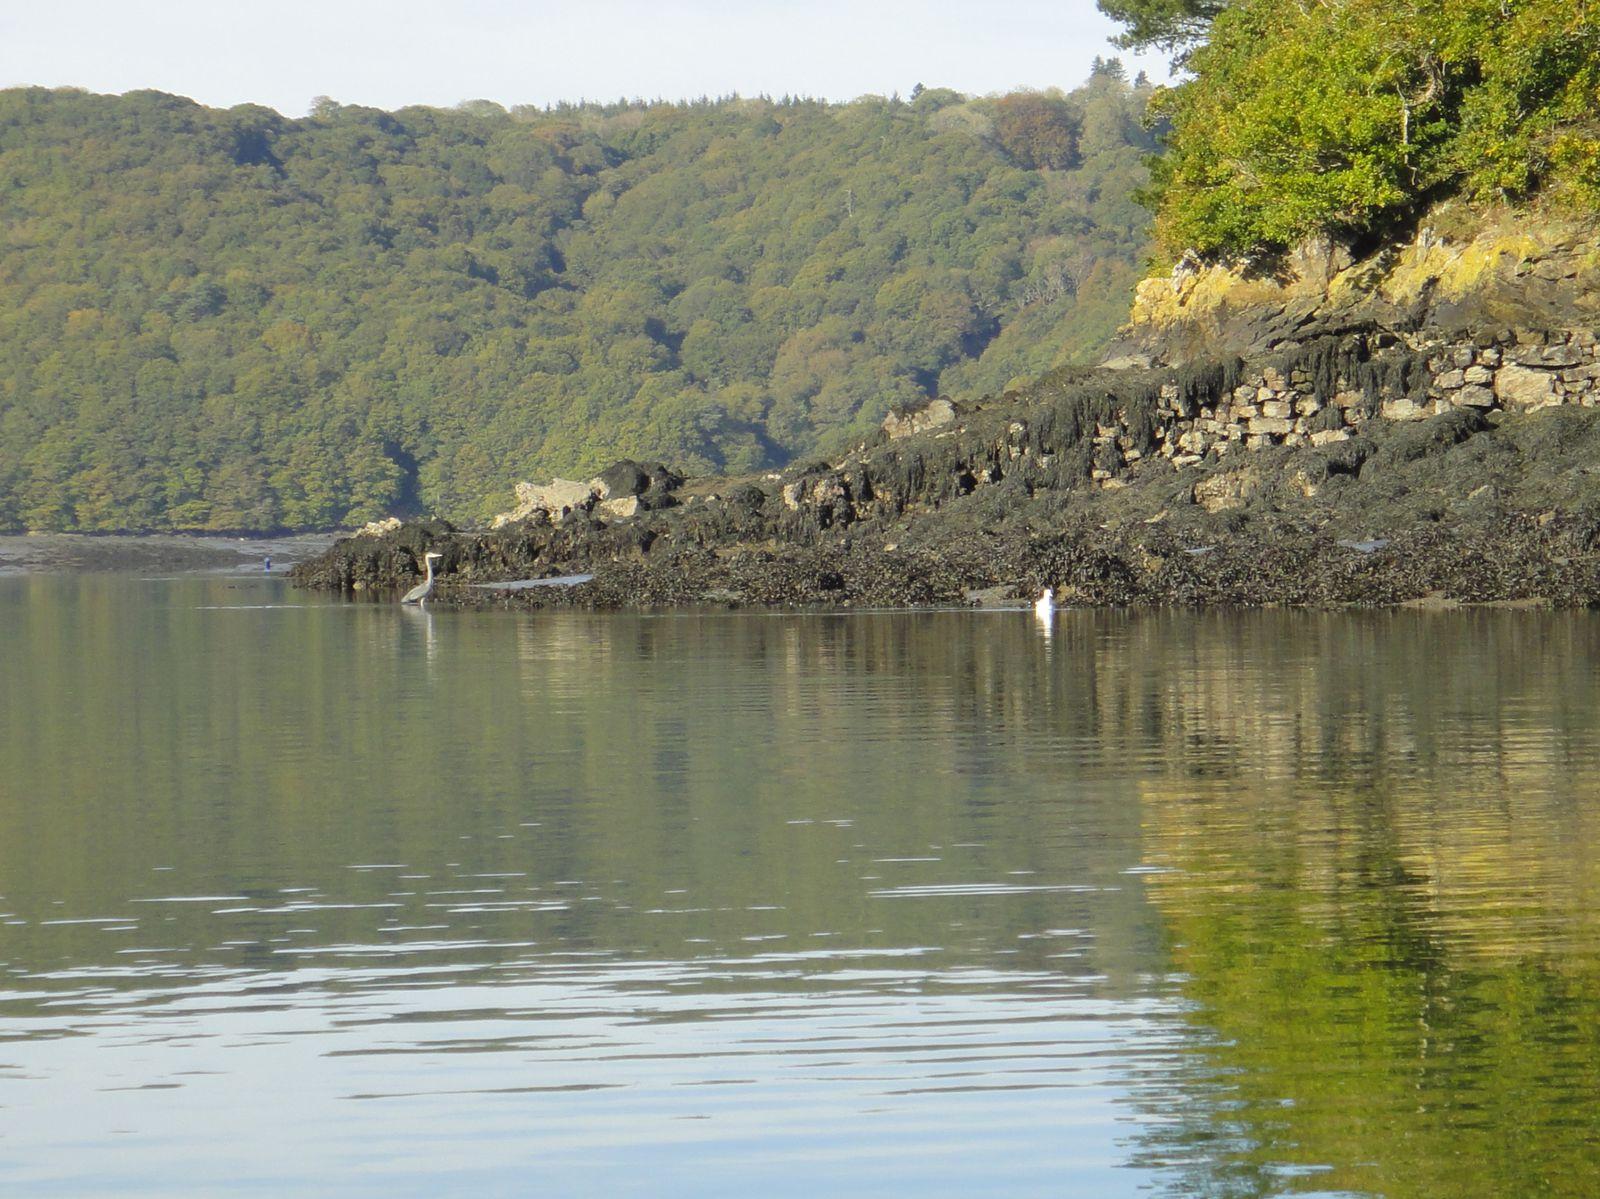 Par une belle journée d'automne, le découverte de l'Aulne maritime.